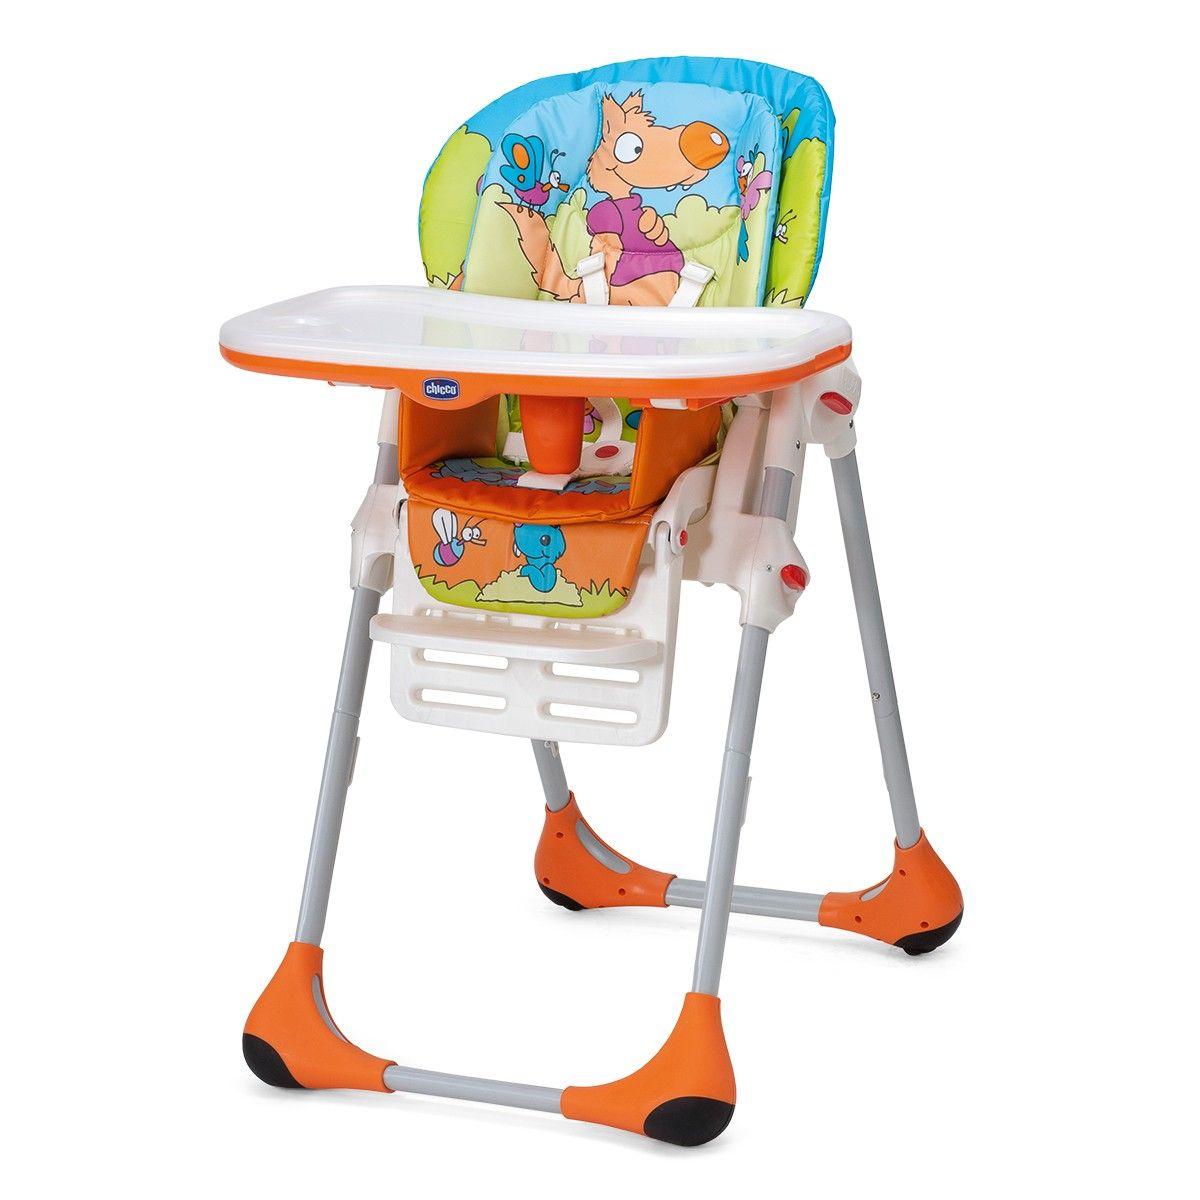 Cadeira Polly 2 em 1 | A Papa | Site oficial chicco.pt